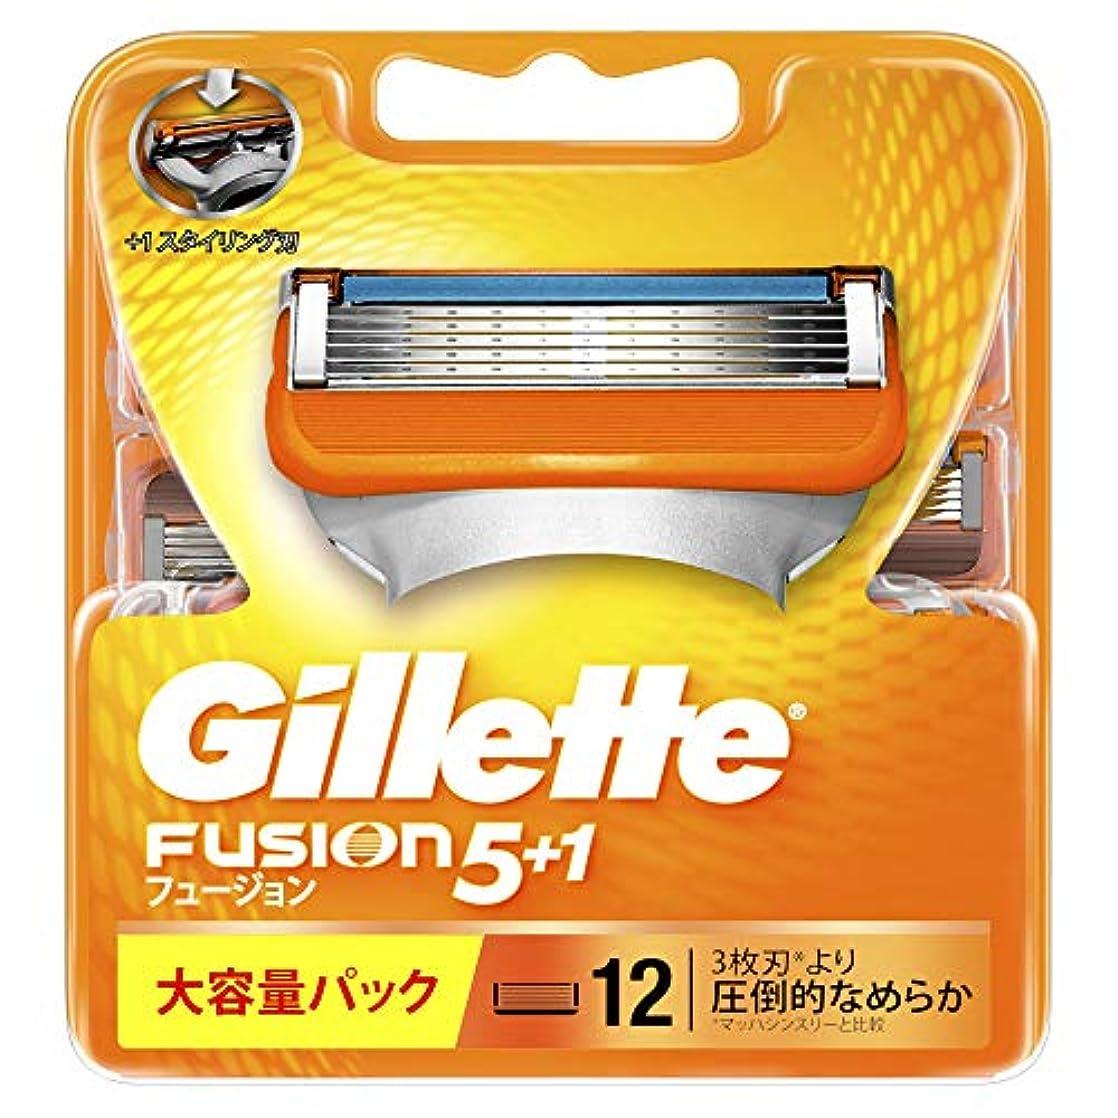 必需品前奏曲群れジレット フュージョン5+1 マニュアル 髭剃り 替刃 単品 12コ入